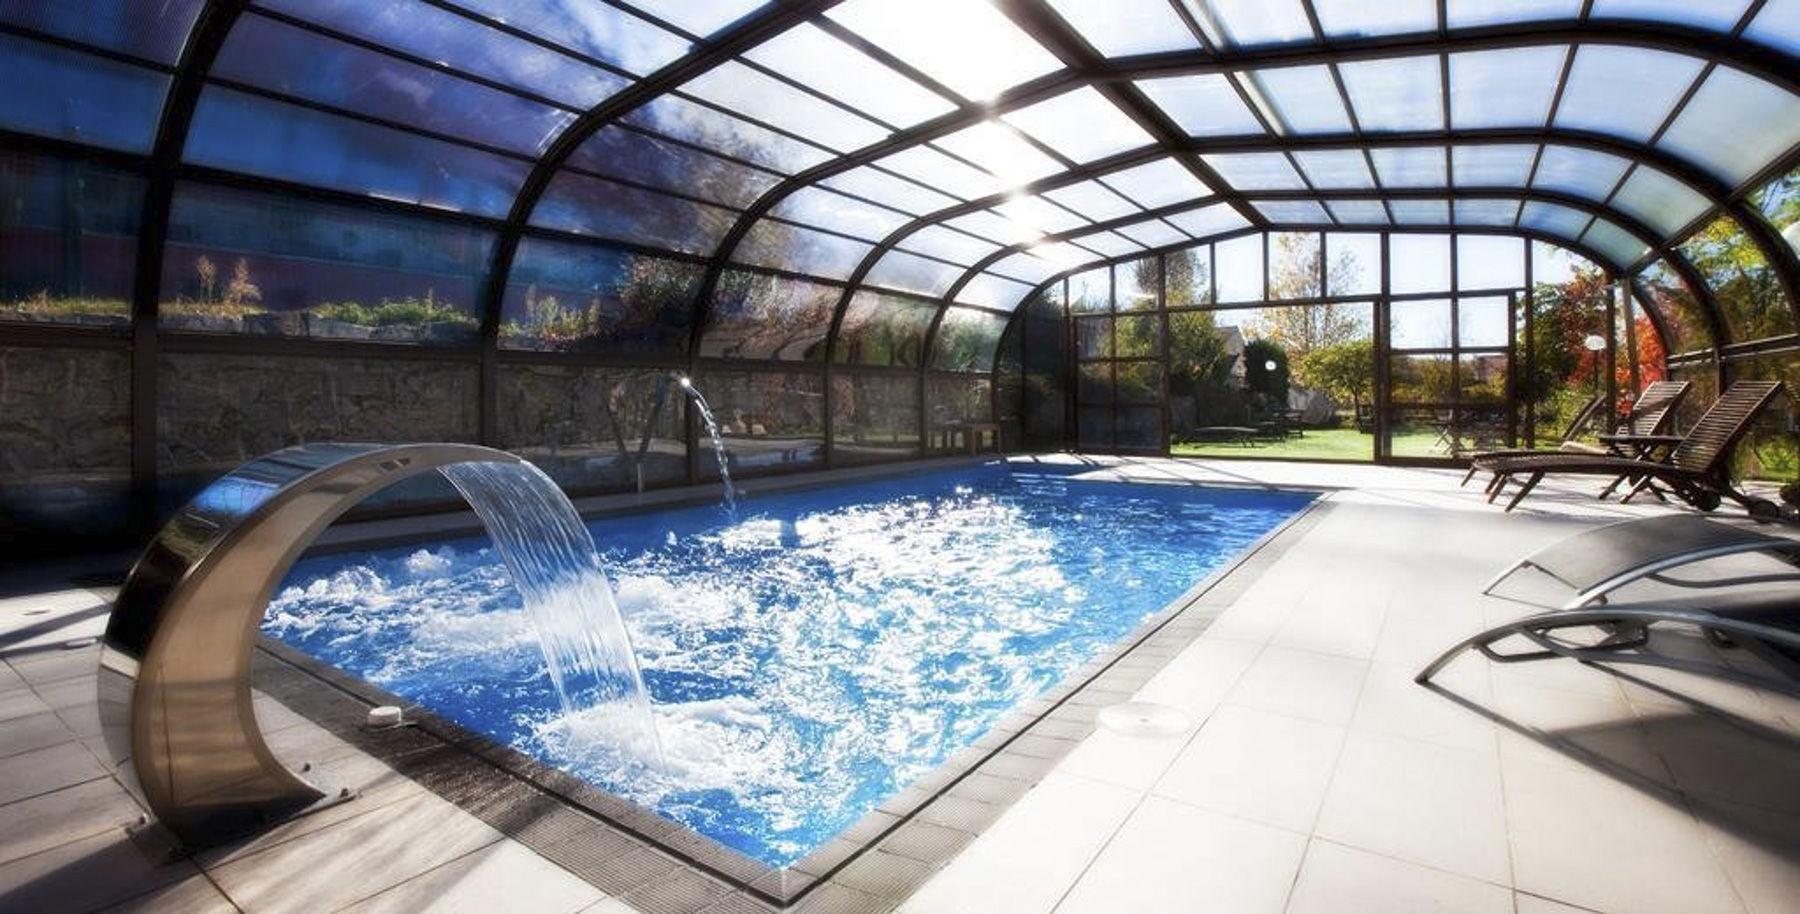 Refrescali ntate turismo rural en alojamientos con for Casas con piscina bucaramanga